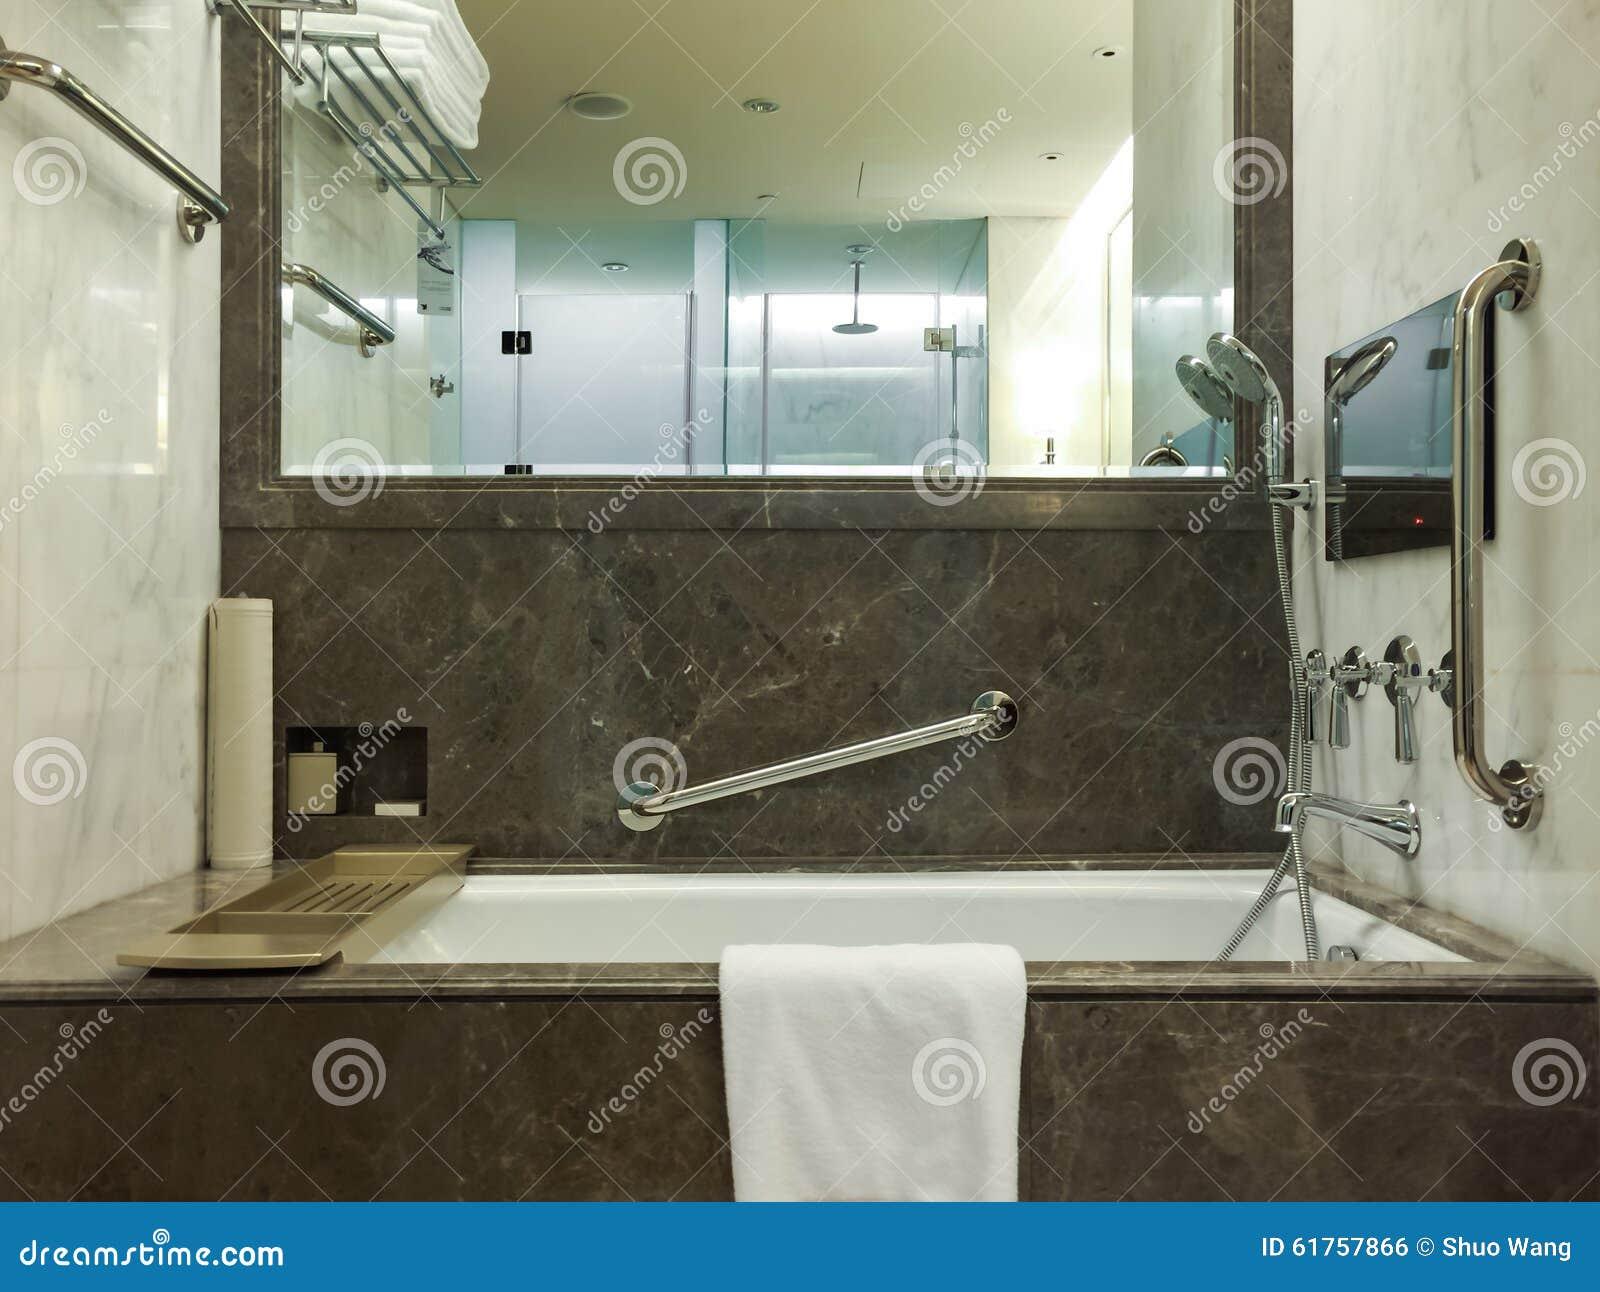 Badezimmer stockfoto. Bild von architektur, bidet, zuhause - 61757866